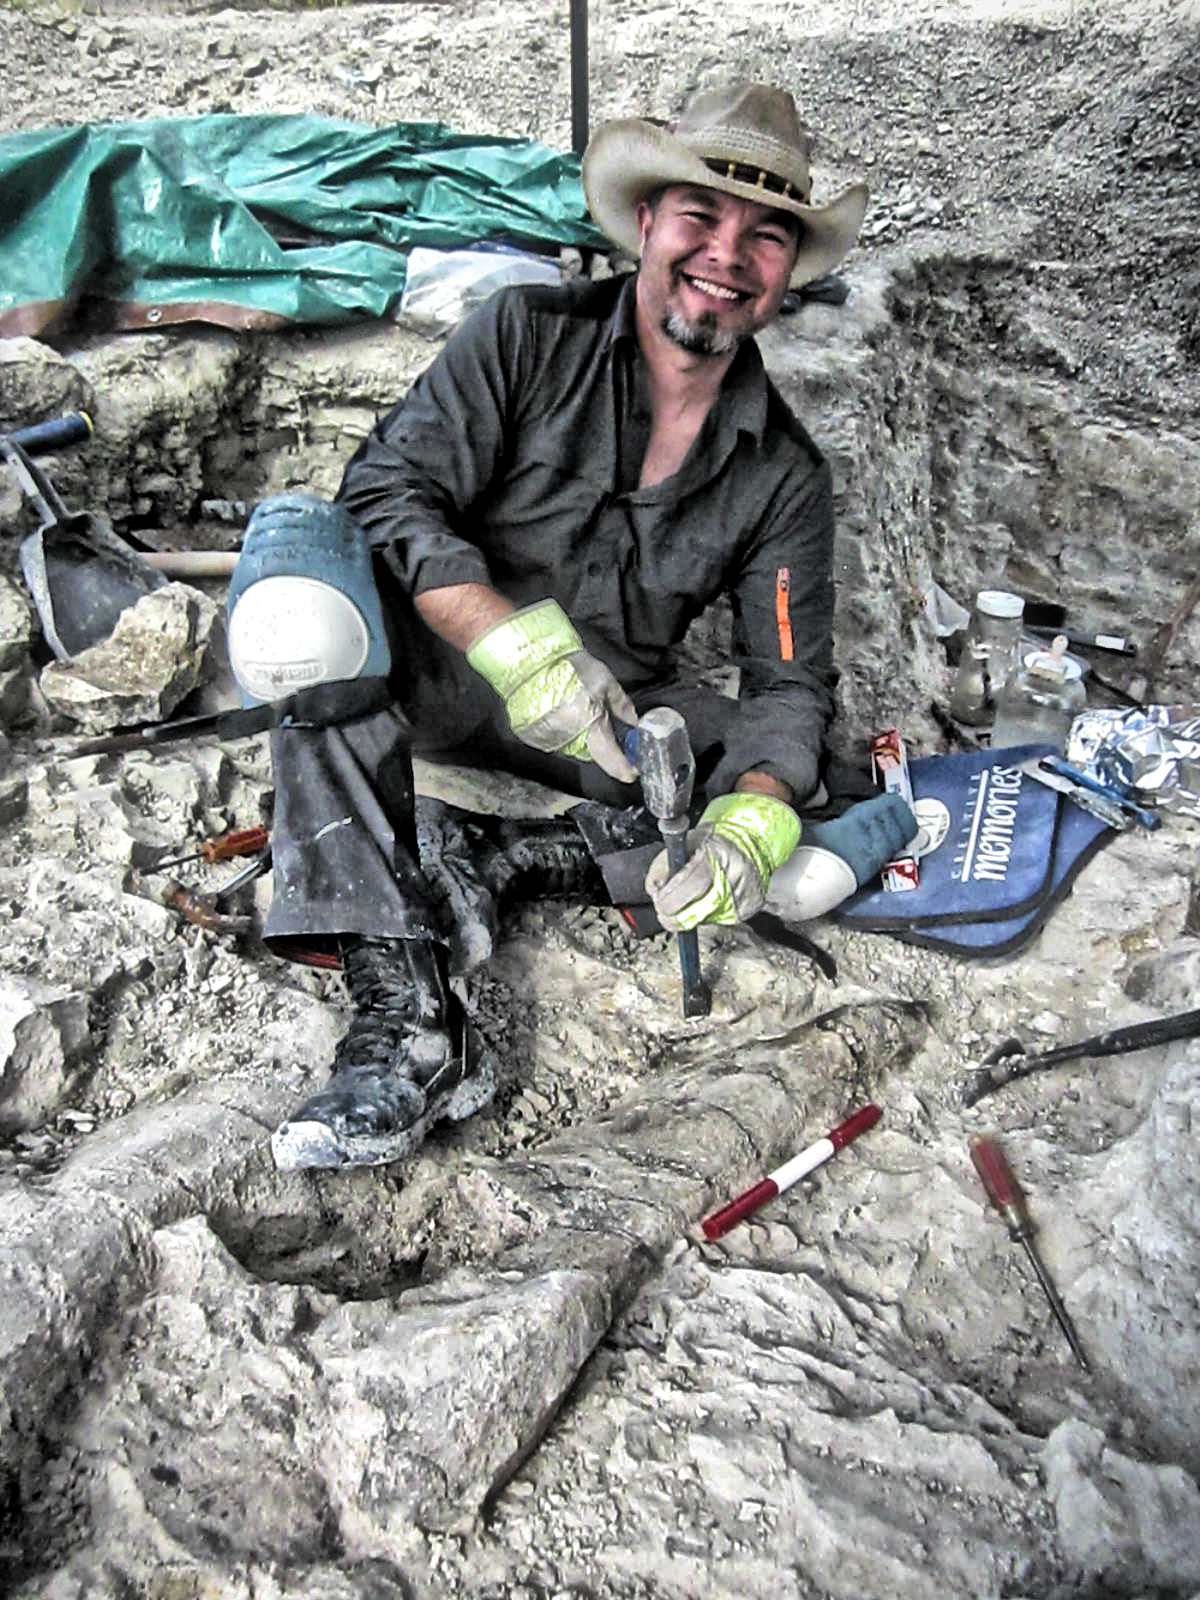 Colorado Dino Dig